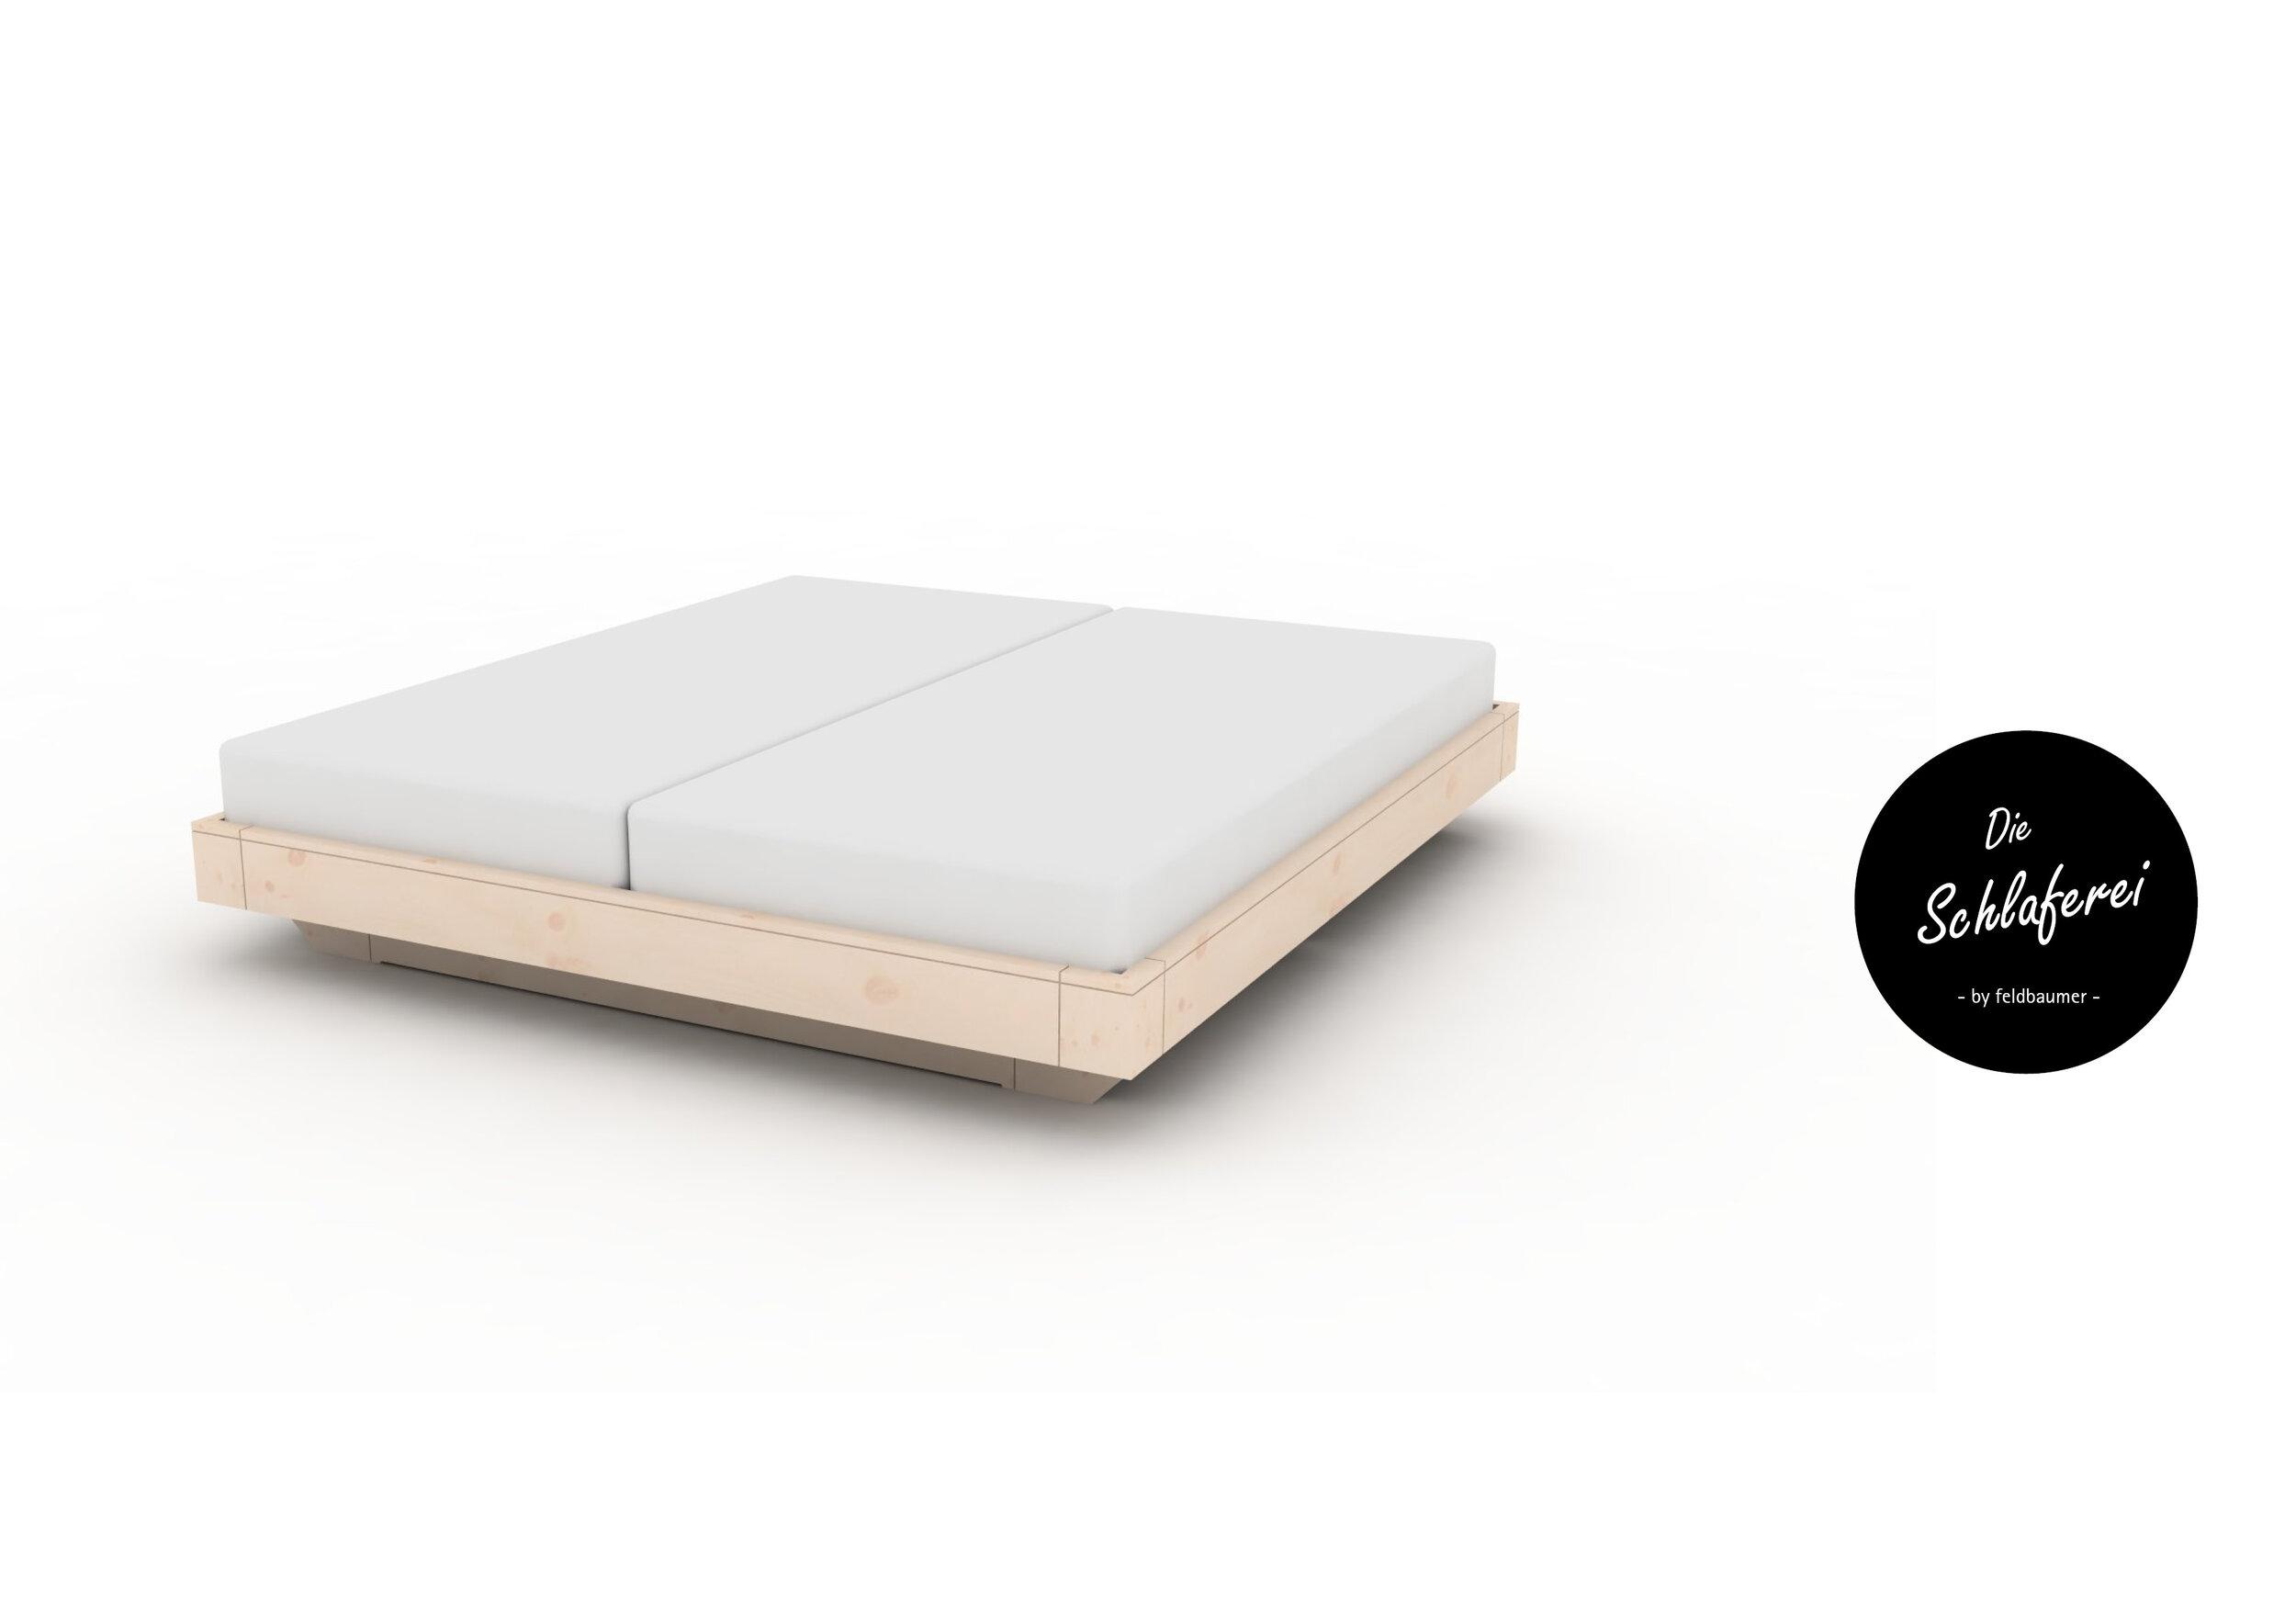 modell 03 - …ohne Kopfteil ohne Nachtkästchen